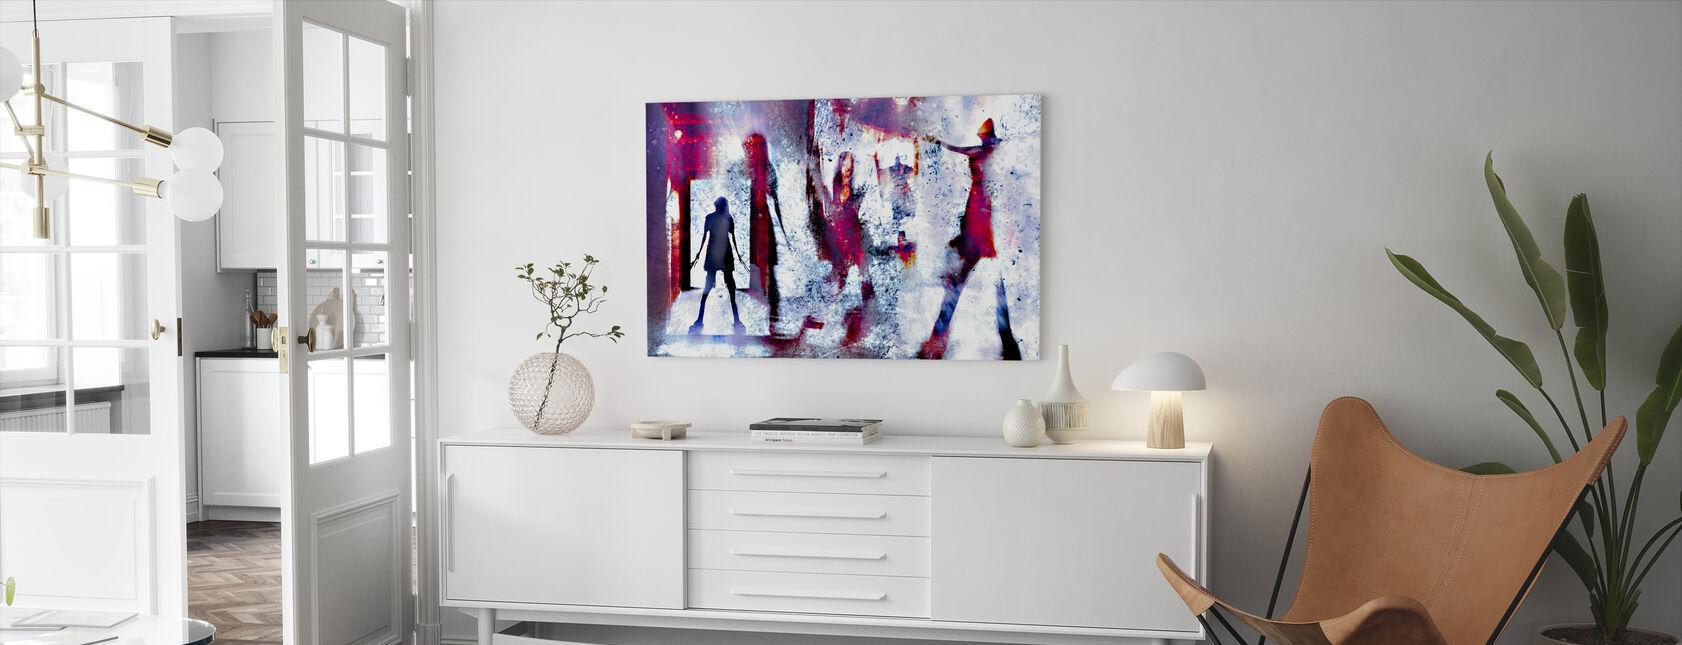 Dessa väggar är levande - Canvastavla - Vardagsrum